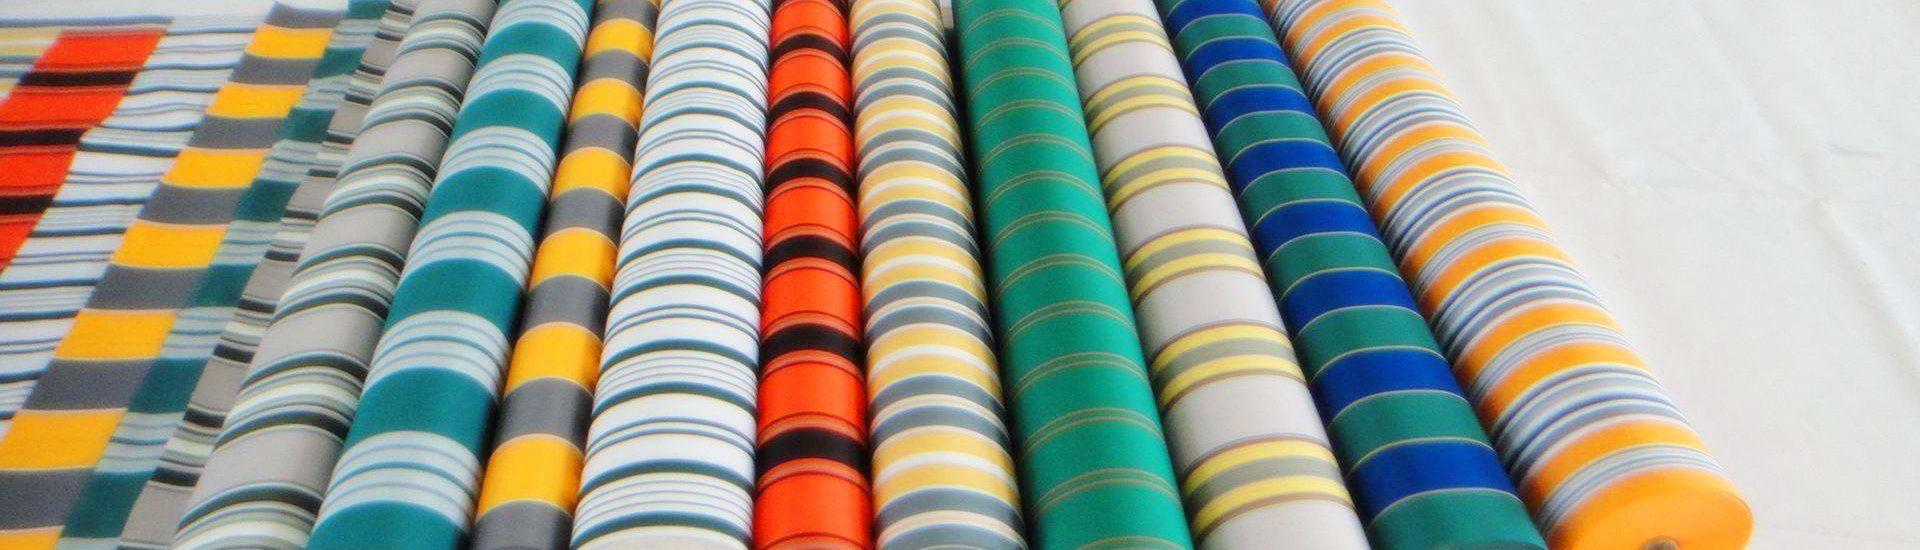 textile-use